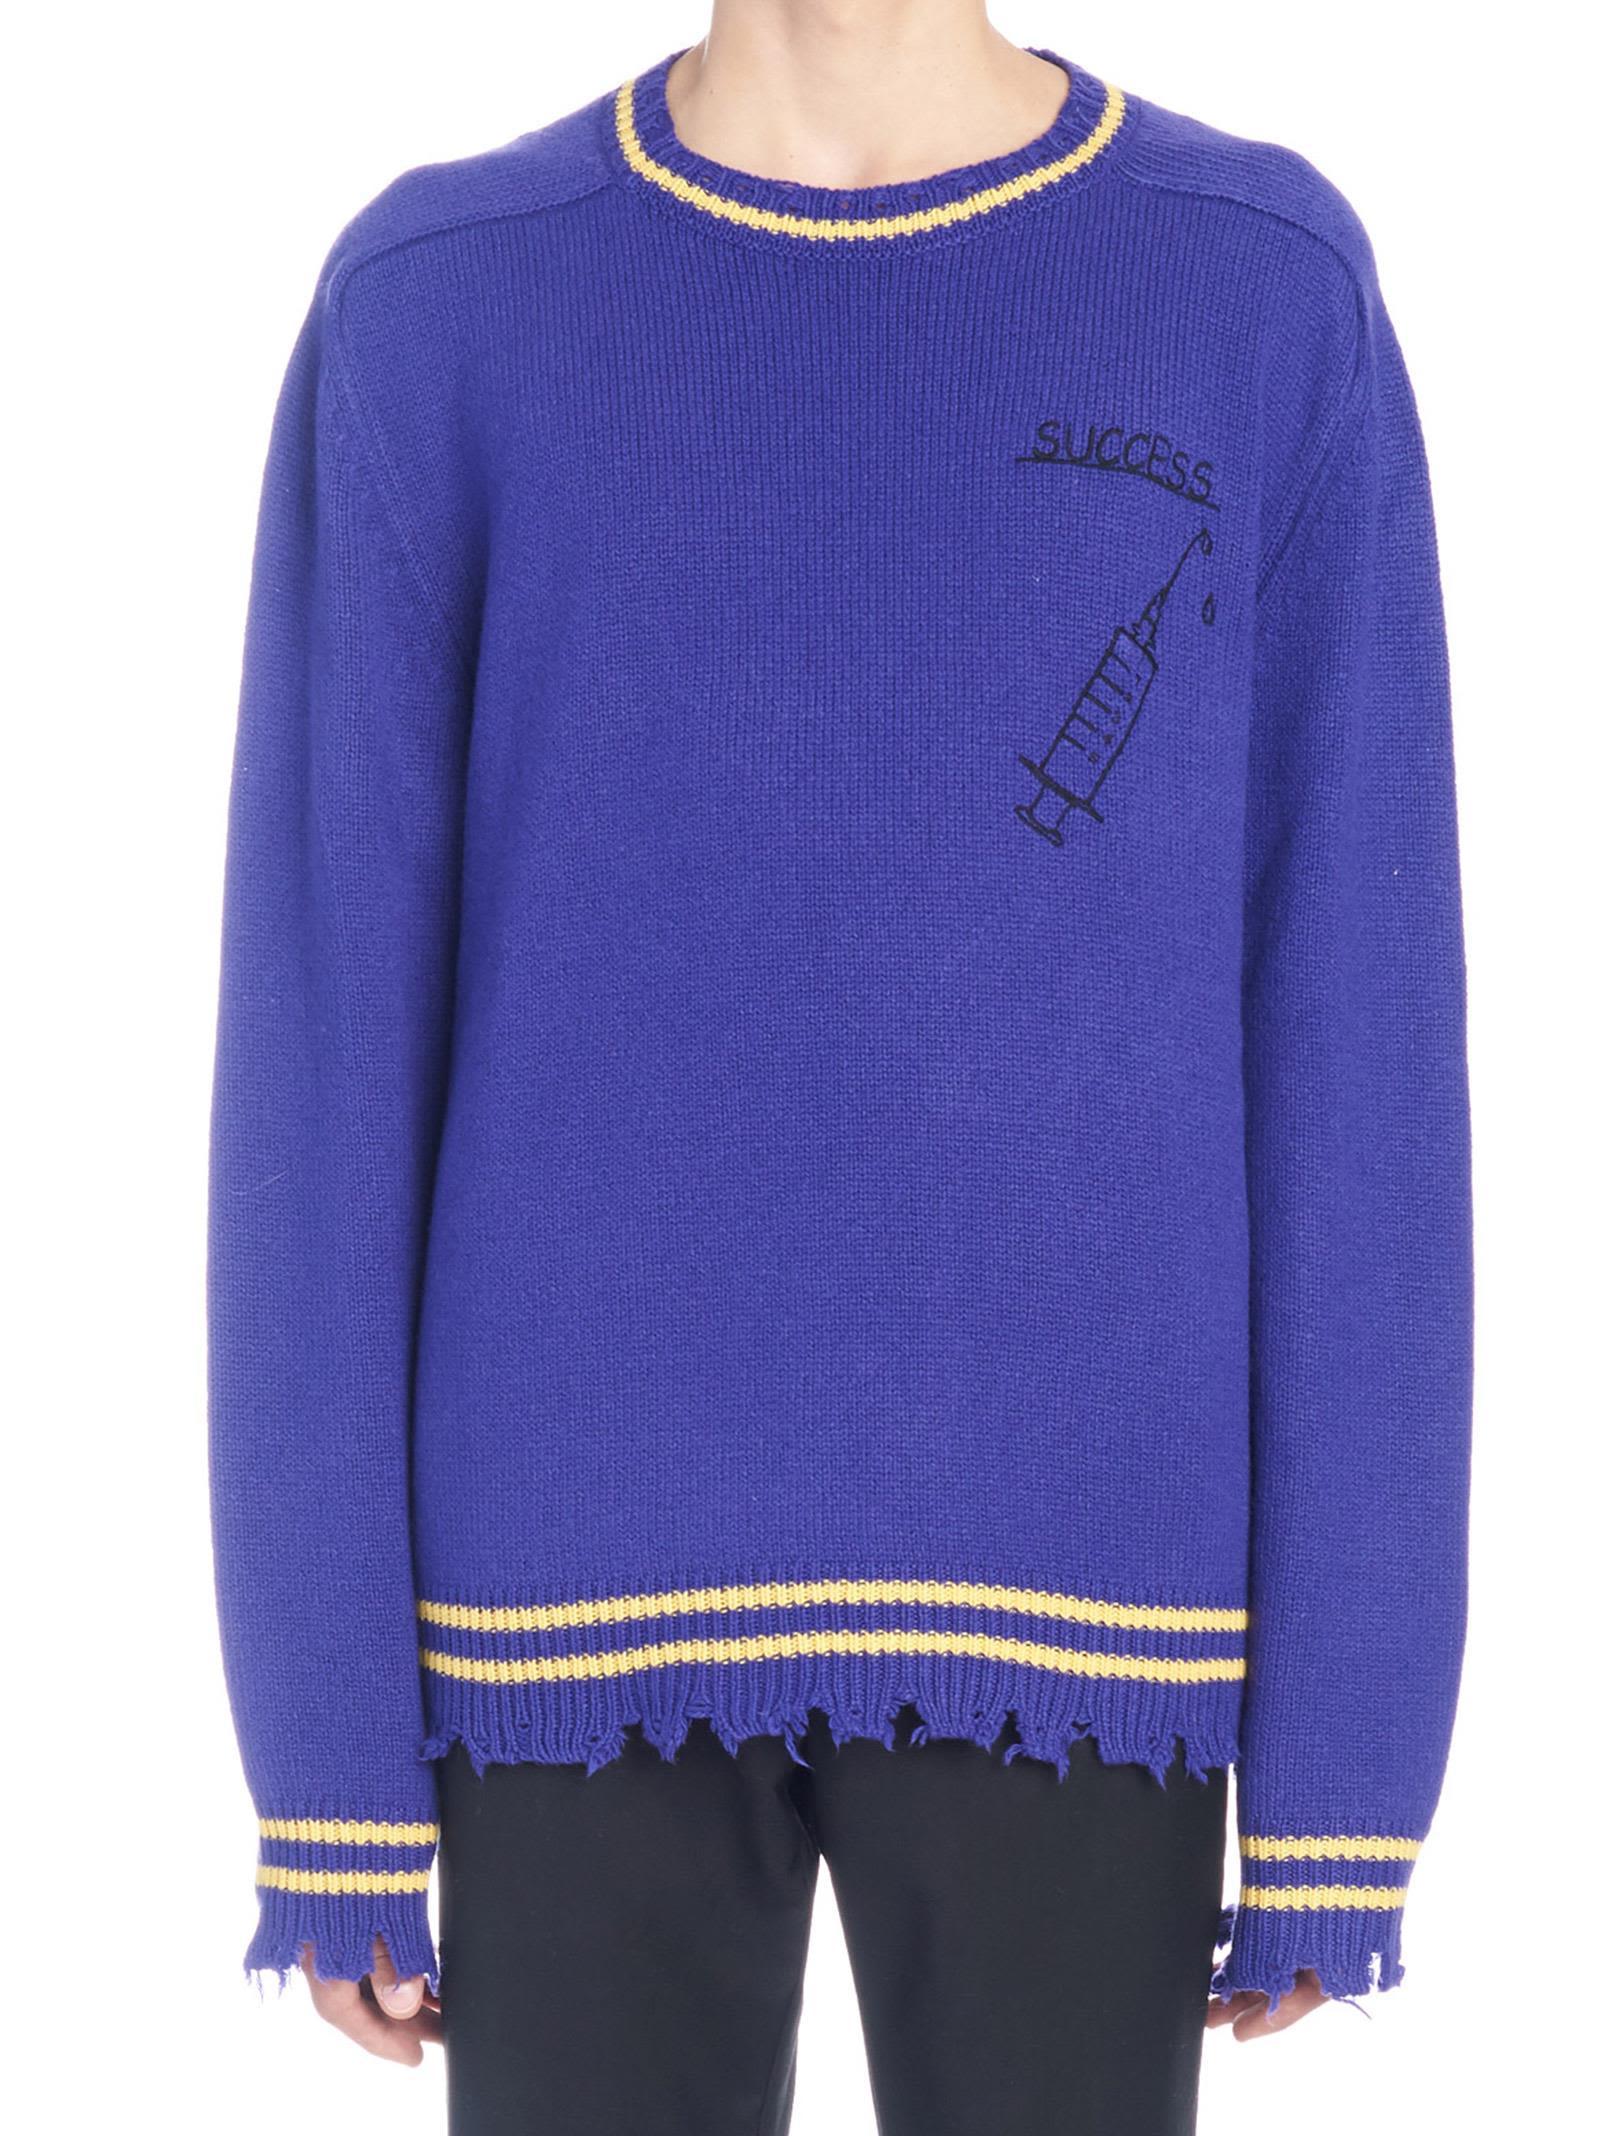 Riccardo Comi 'success' Sweater